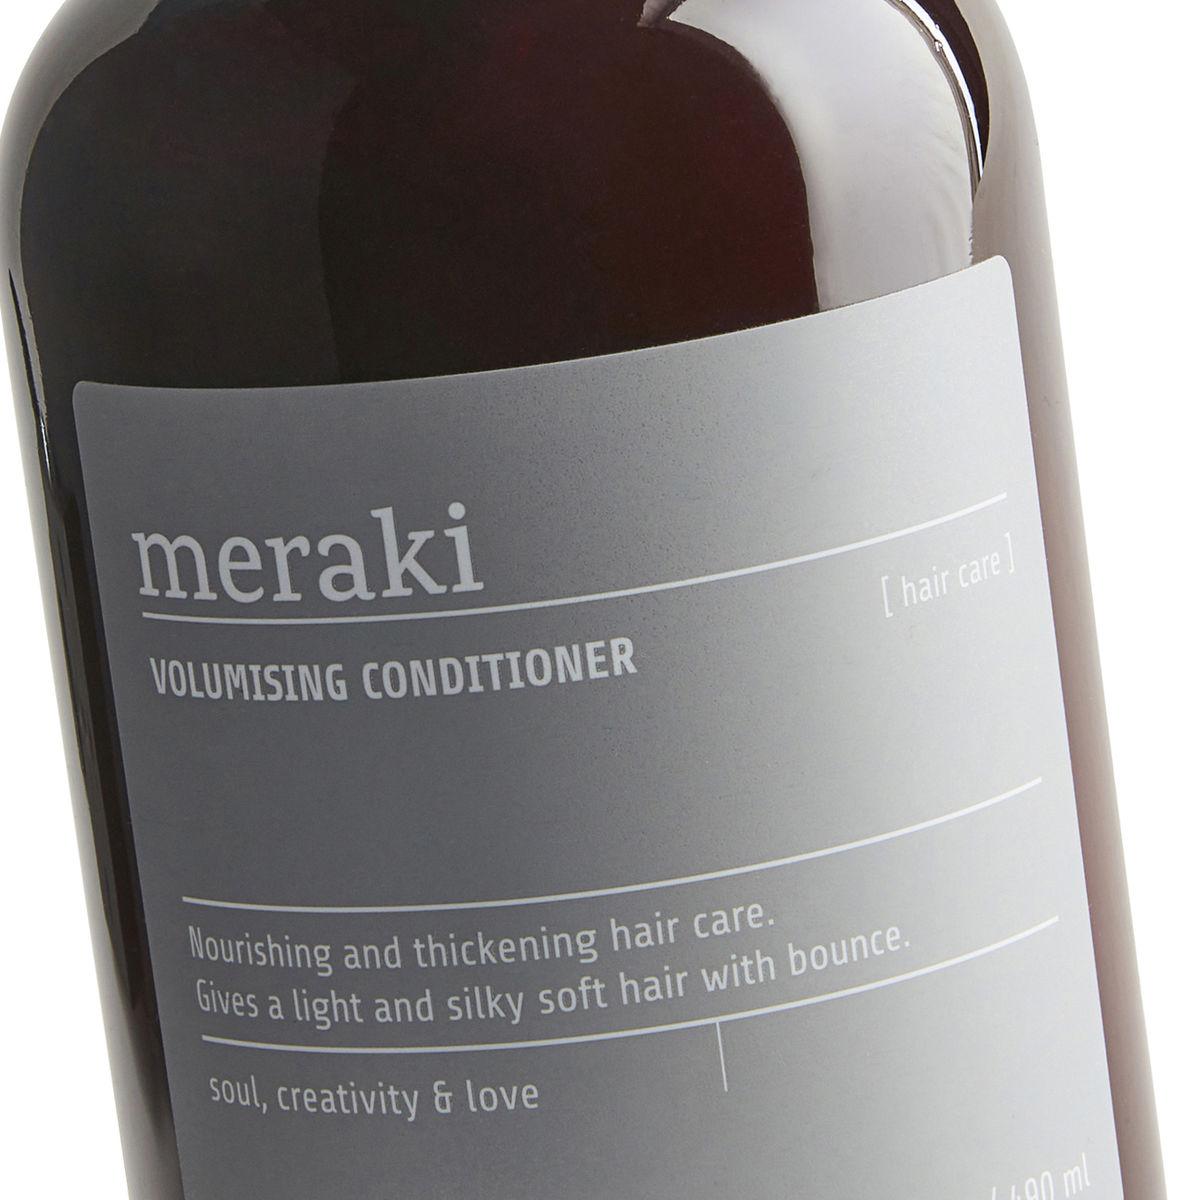 Meraki - Volumising Conditioner